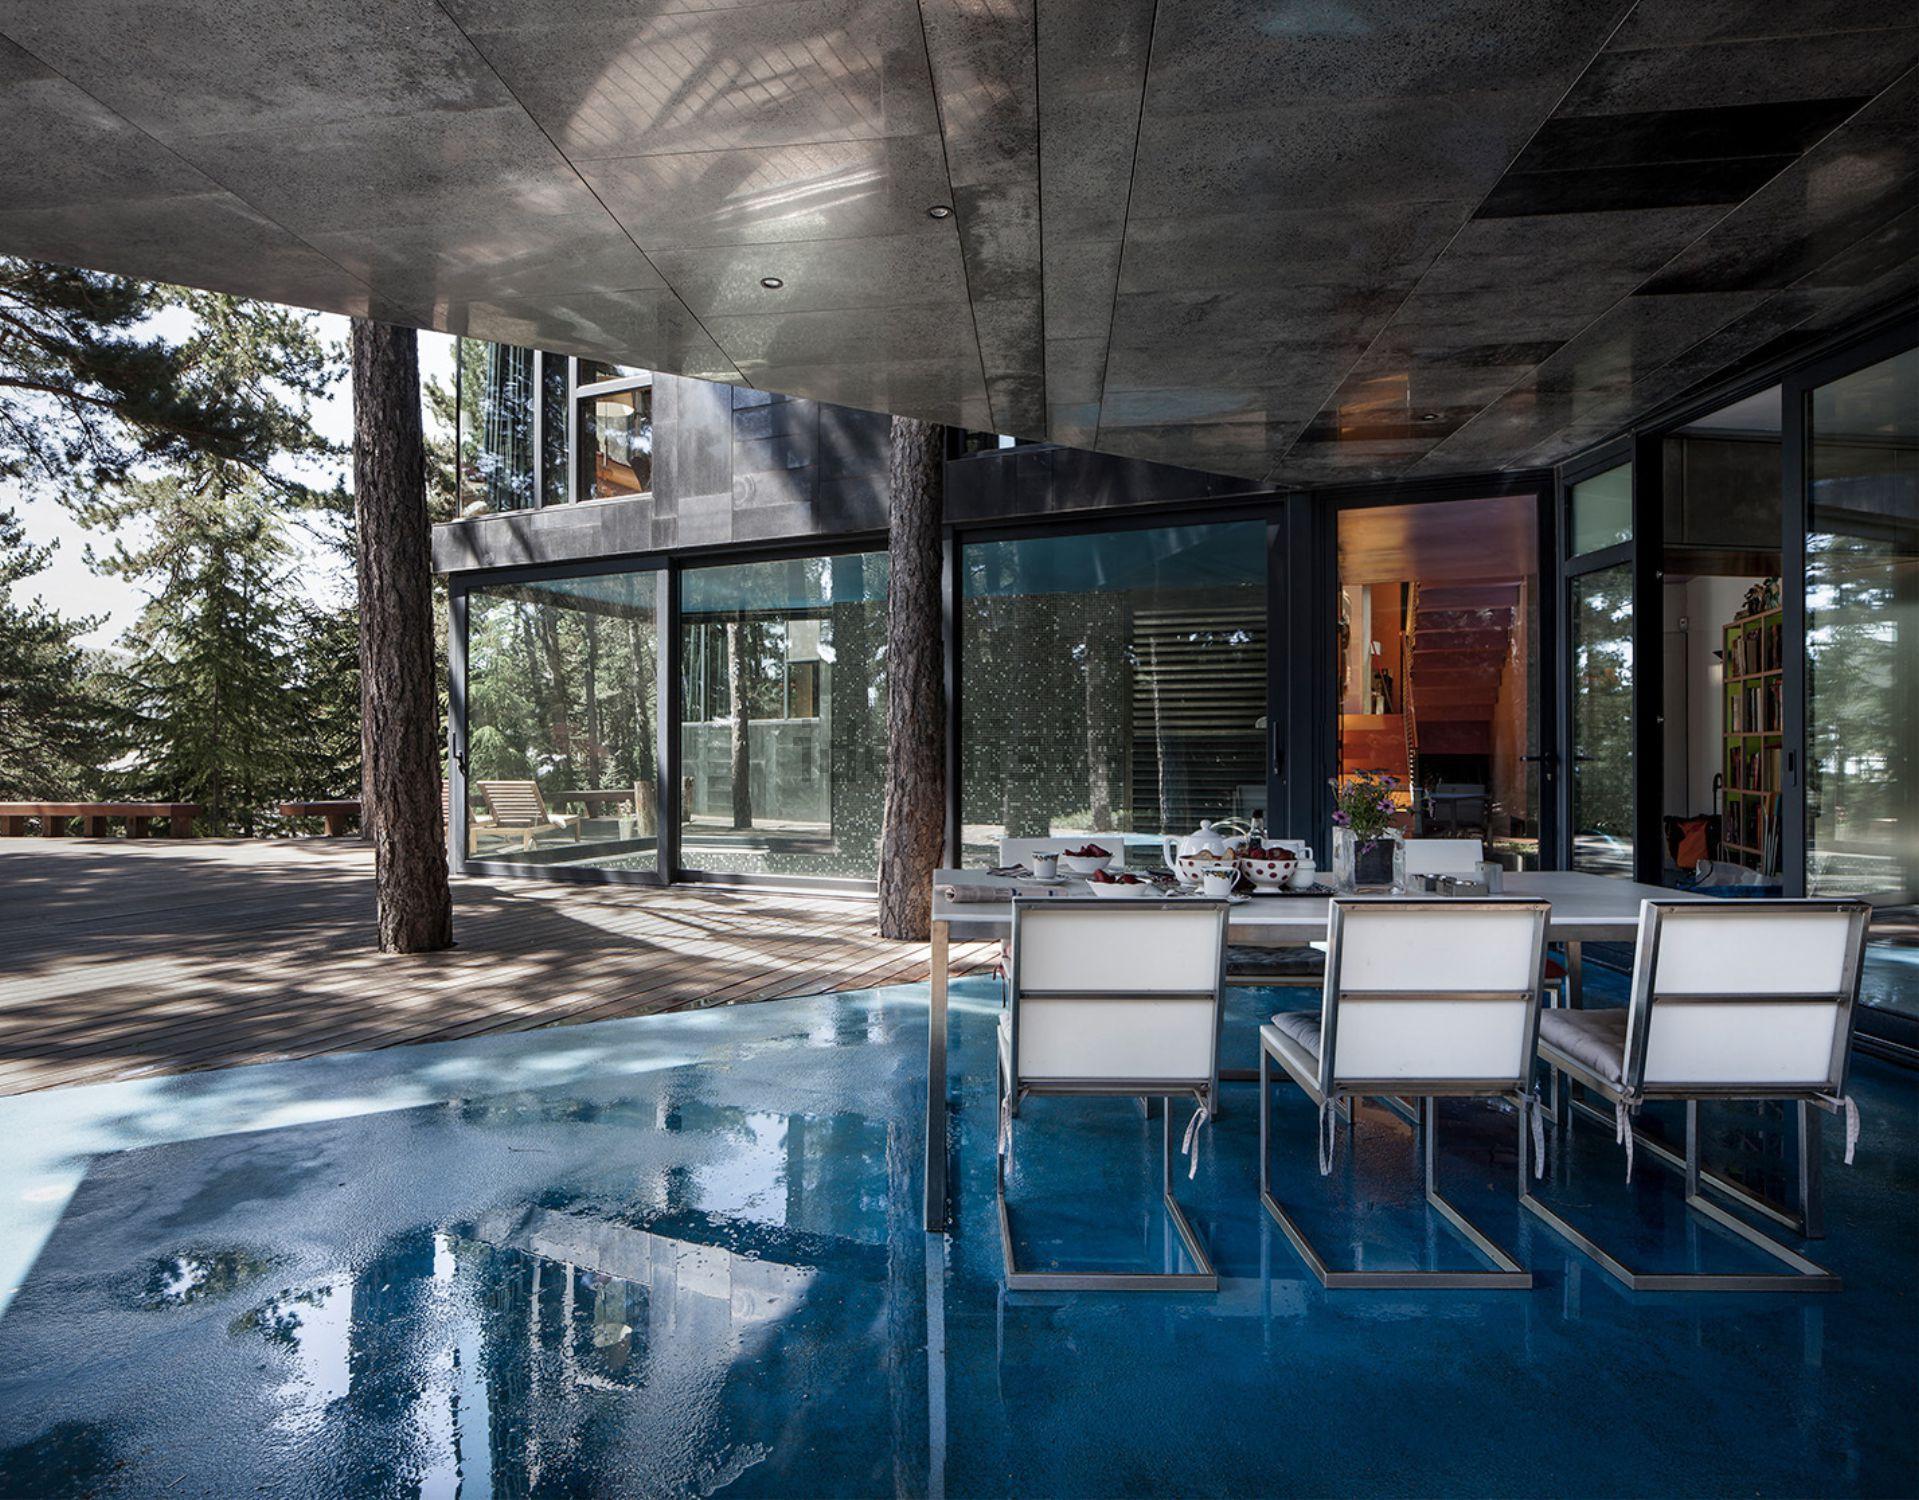 Casa de luxo de Richard Levene, diretor da conceituada revista de arquitetura El croquis